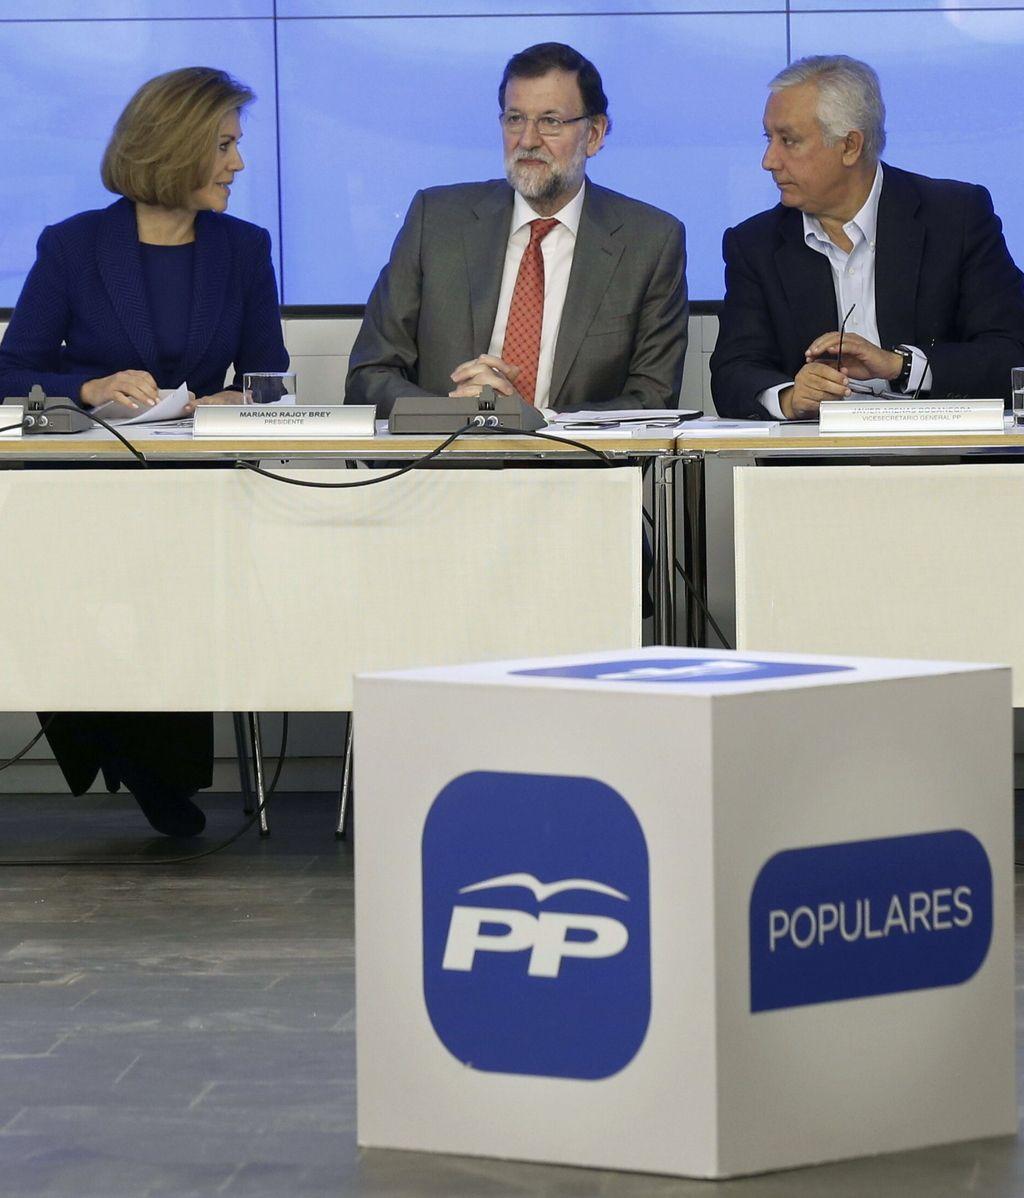 María Dolores de Cospedal, Mariano Rajoy y Javier Arenas en Génova